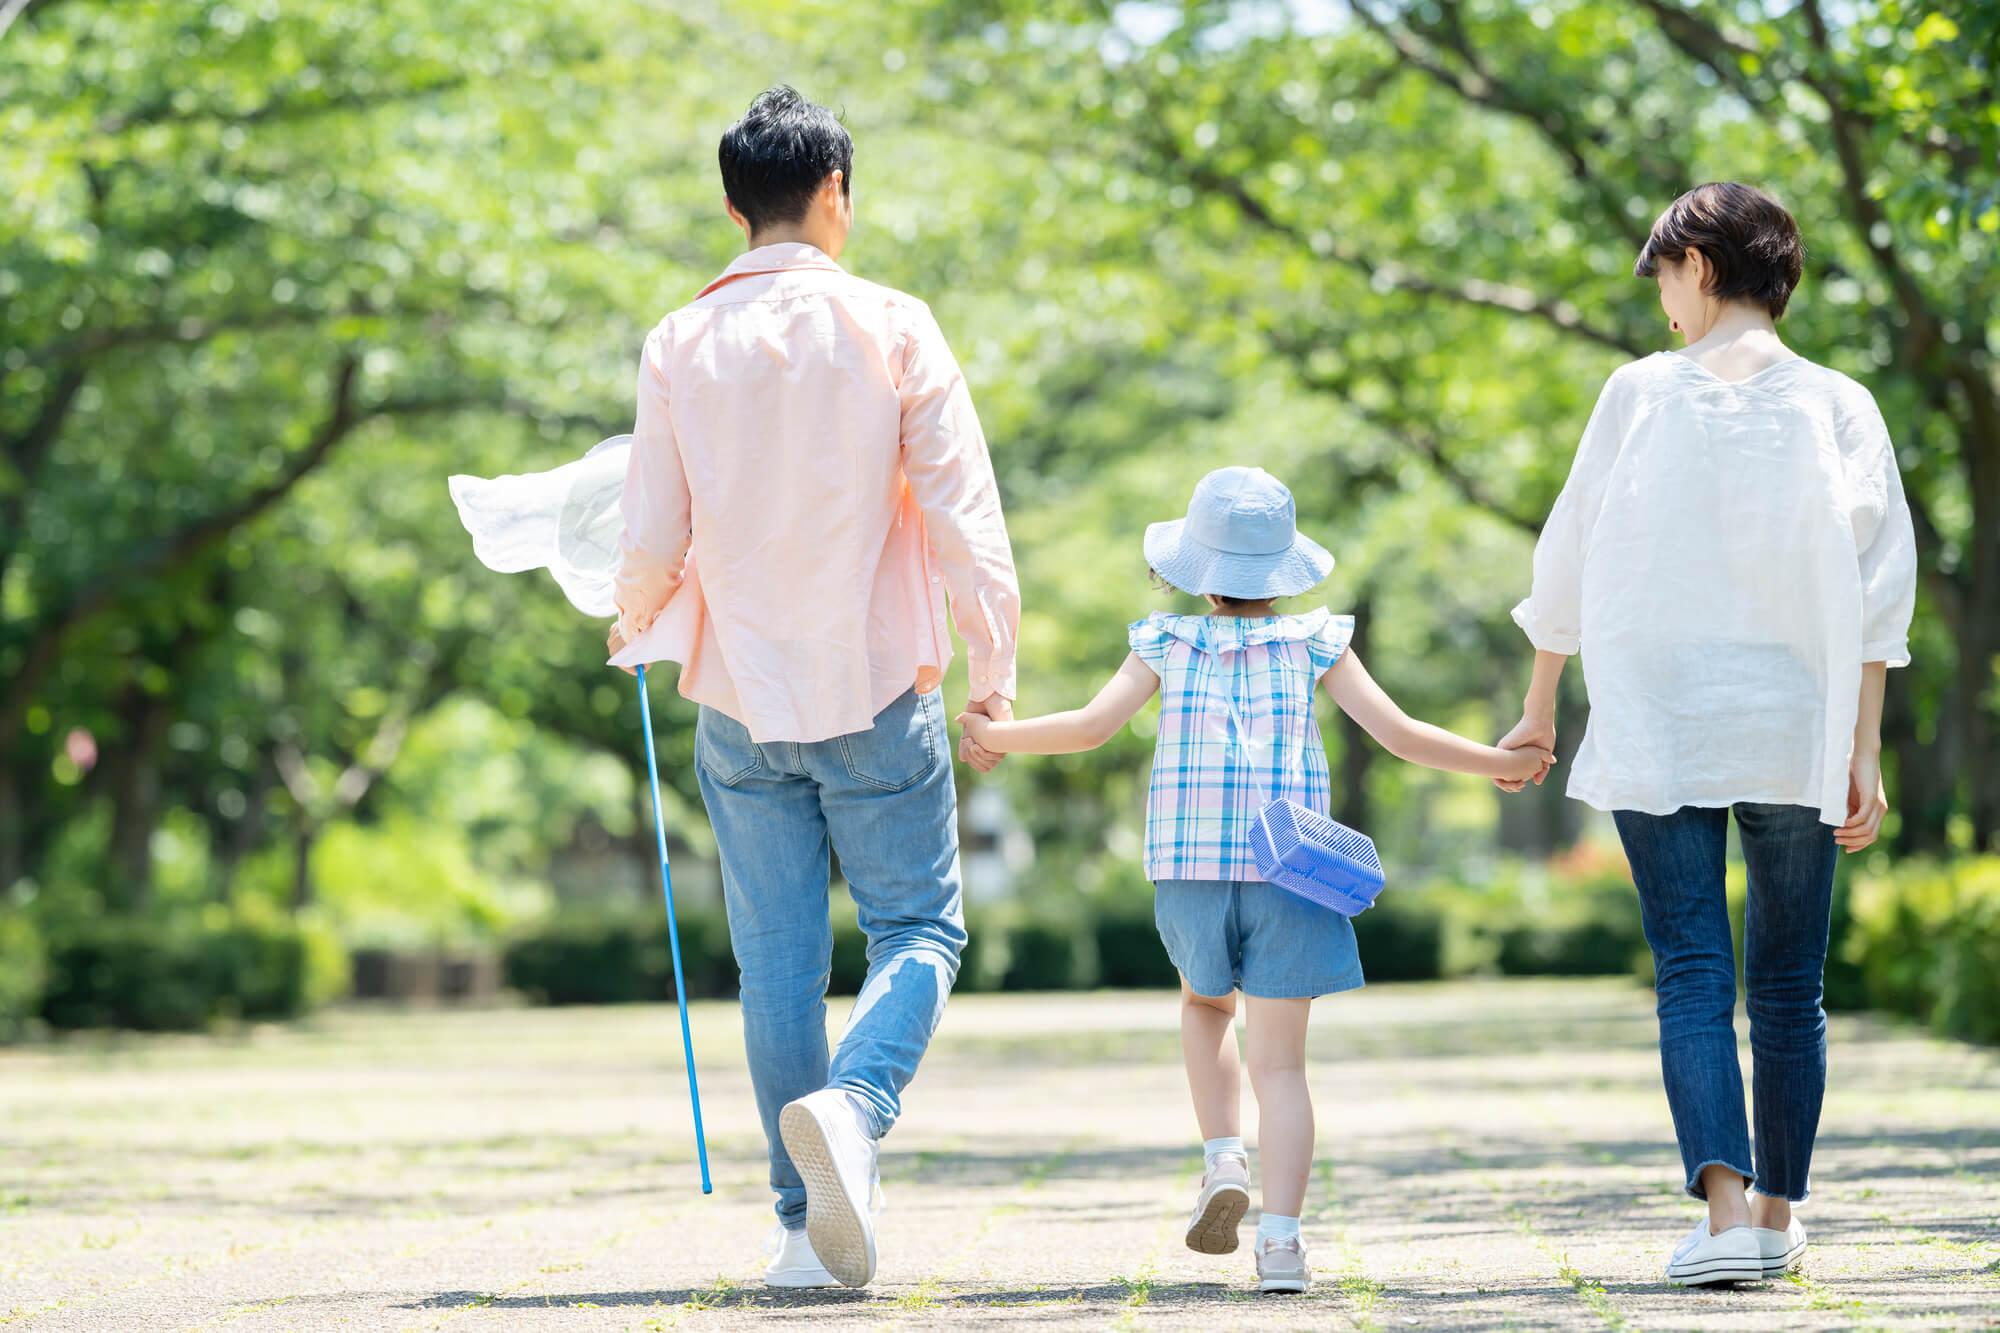 楽しい夏を過ごすために!夏休み中の子供の防犯対策